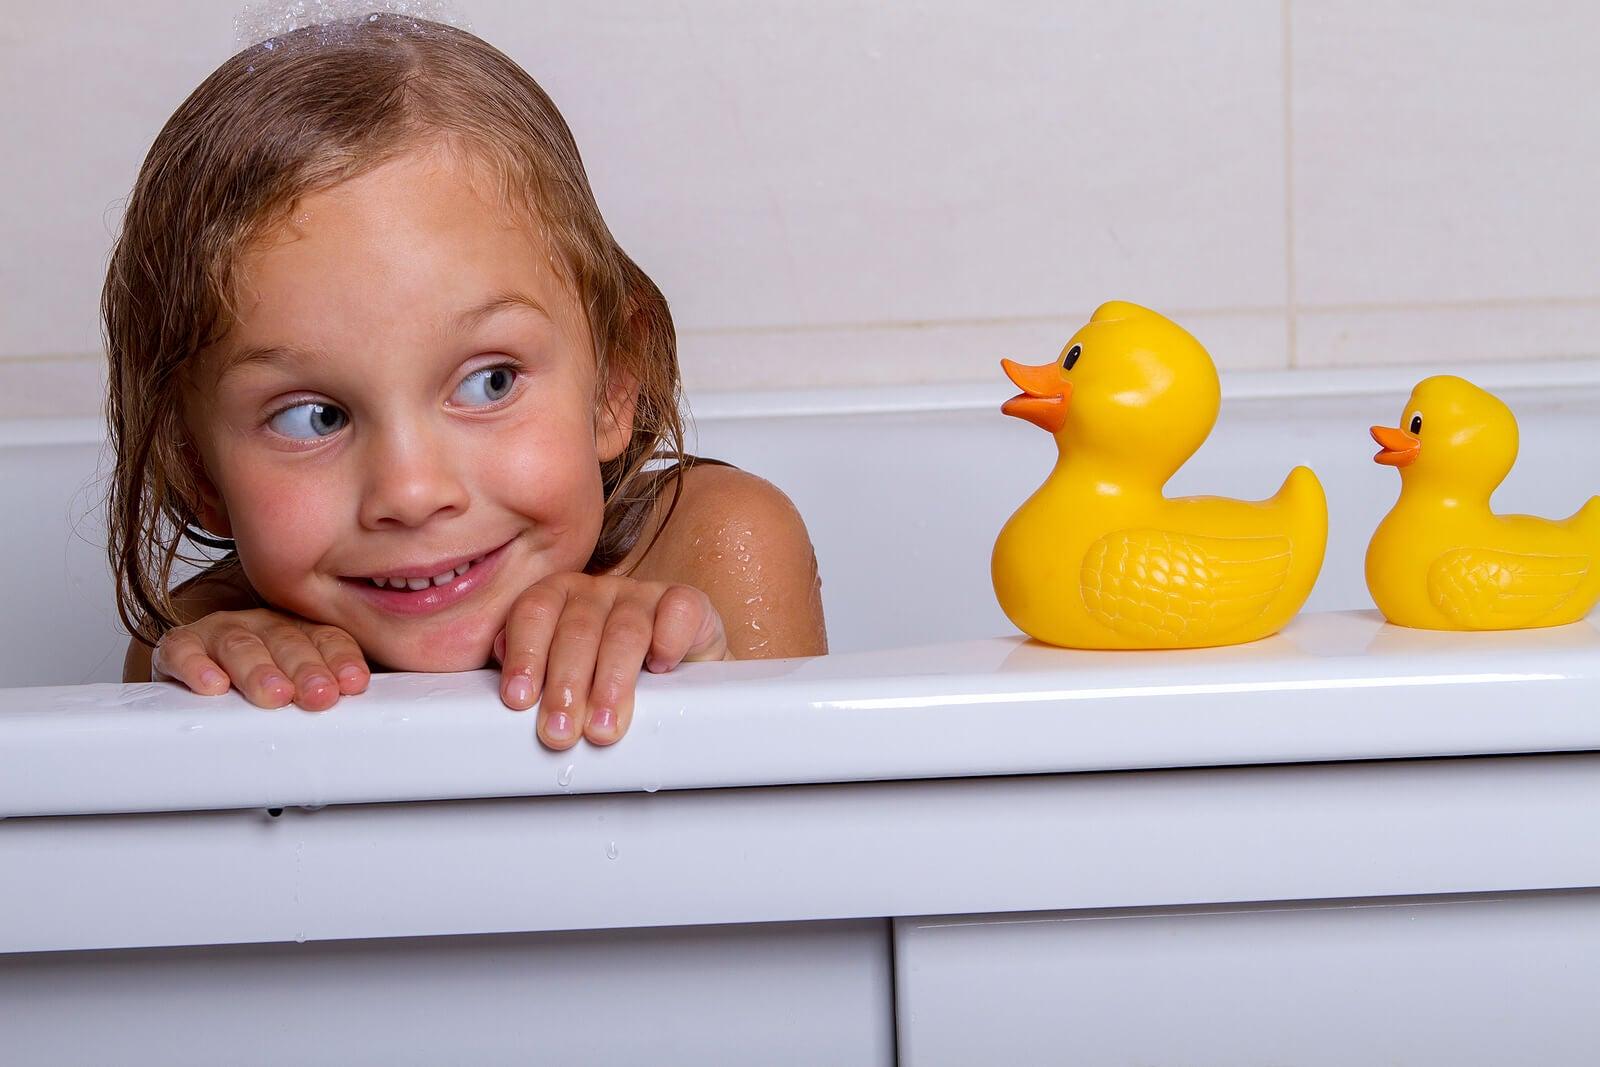 Niña jugando con los patitos de goma en la bañera.